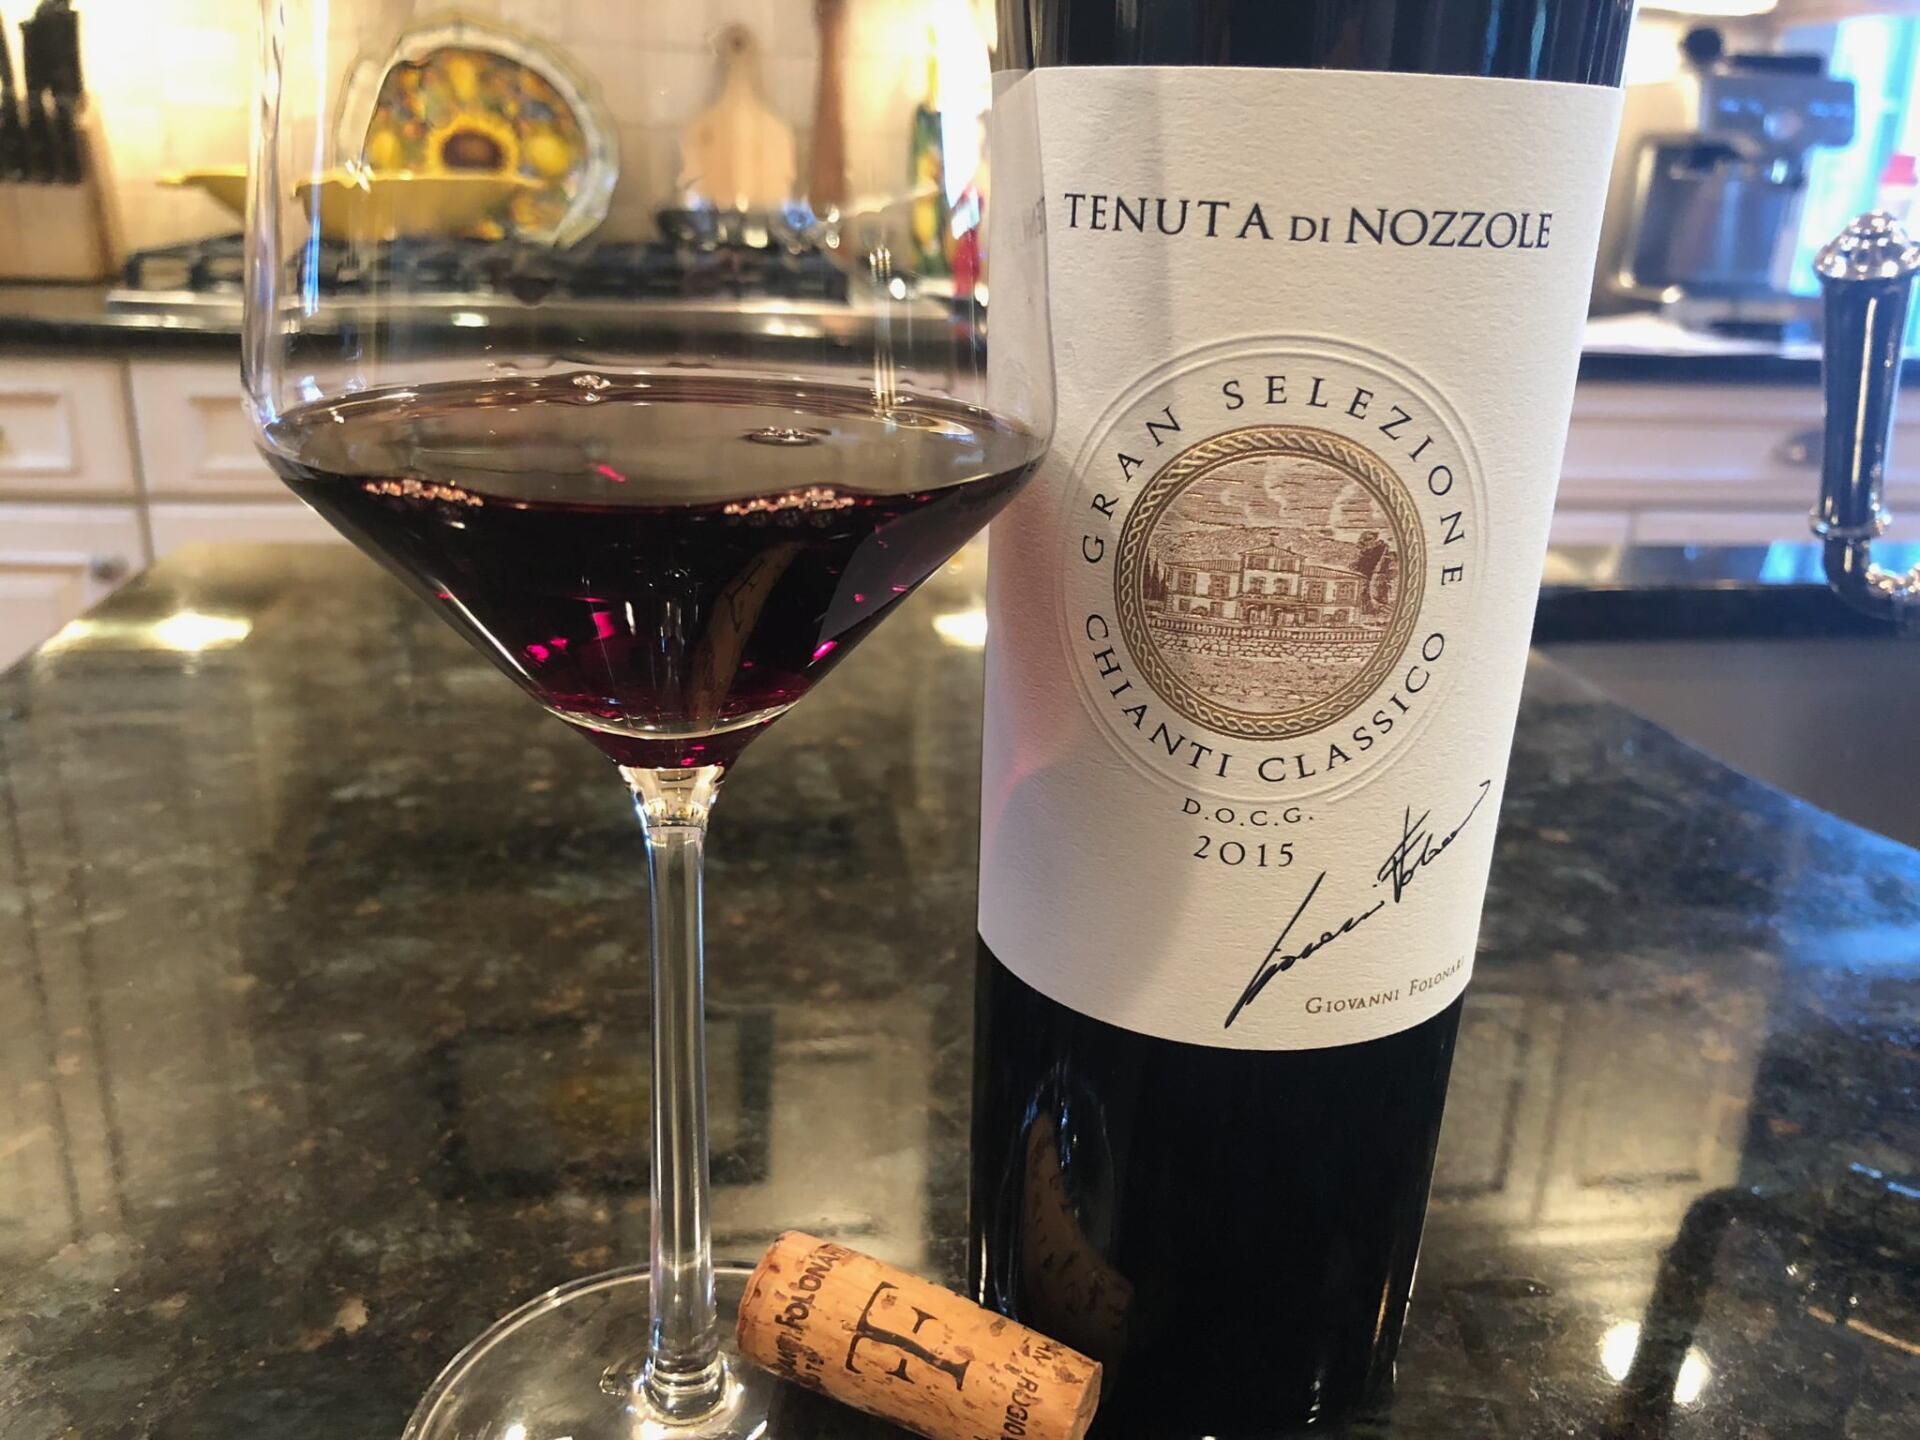 Tenuta di Nozzole bottle of wine